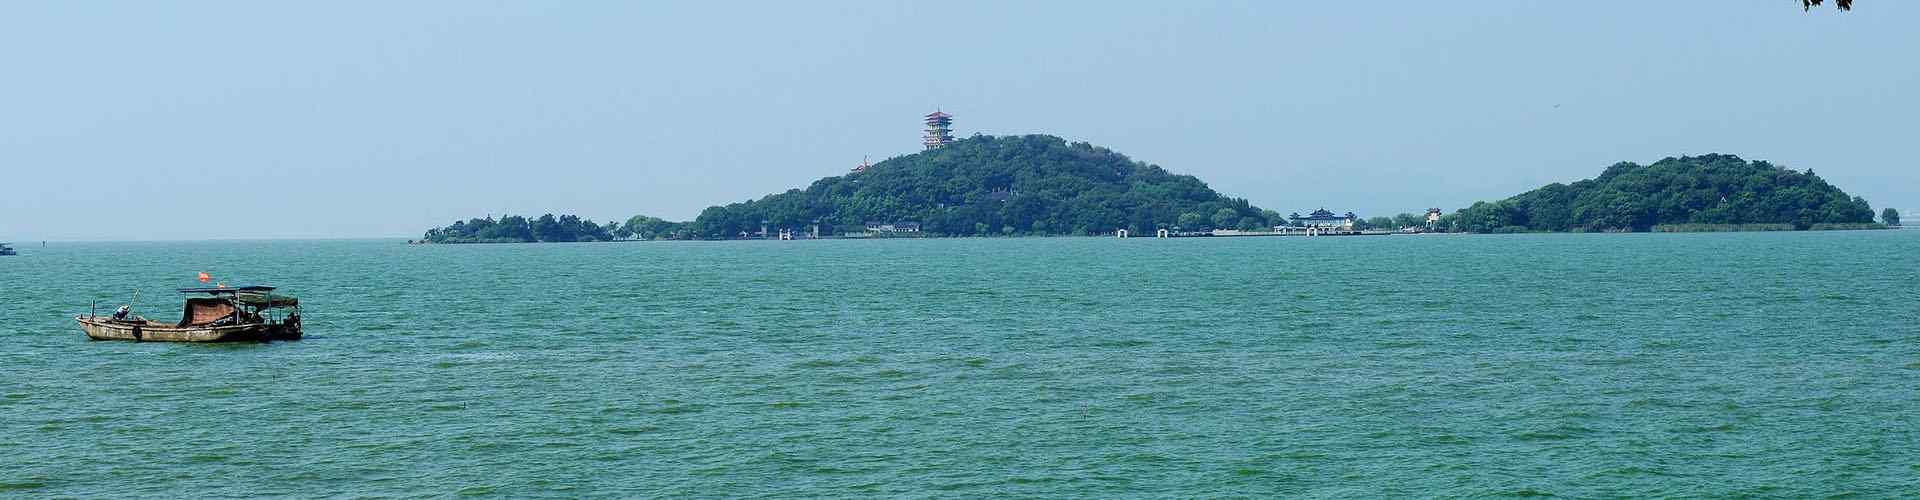 太湖风景_苏州太湖风景图片_中国五大淡水湖风景壁纸_风景壁纸